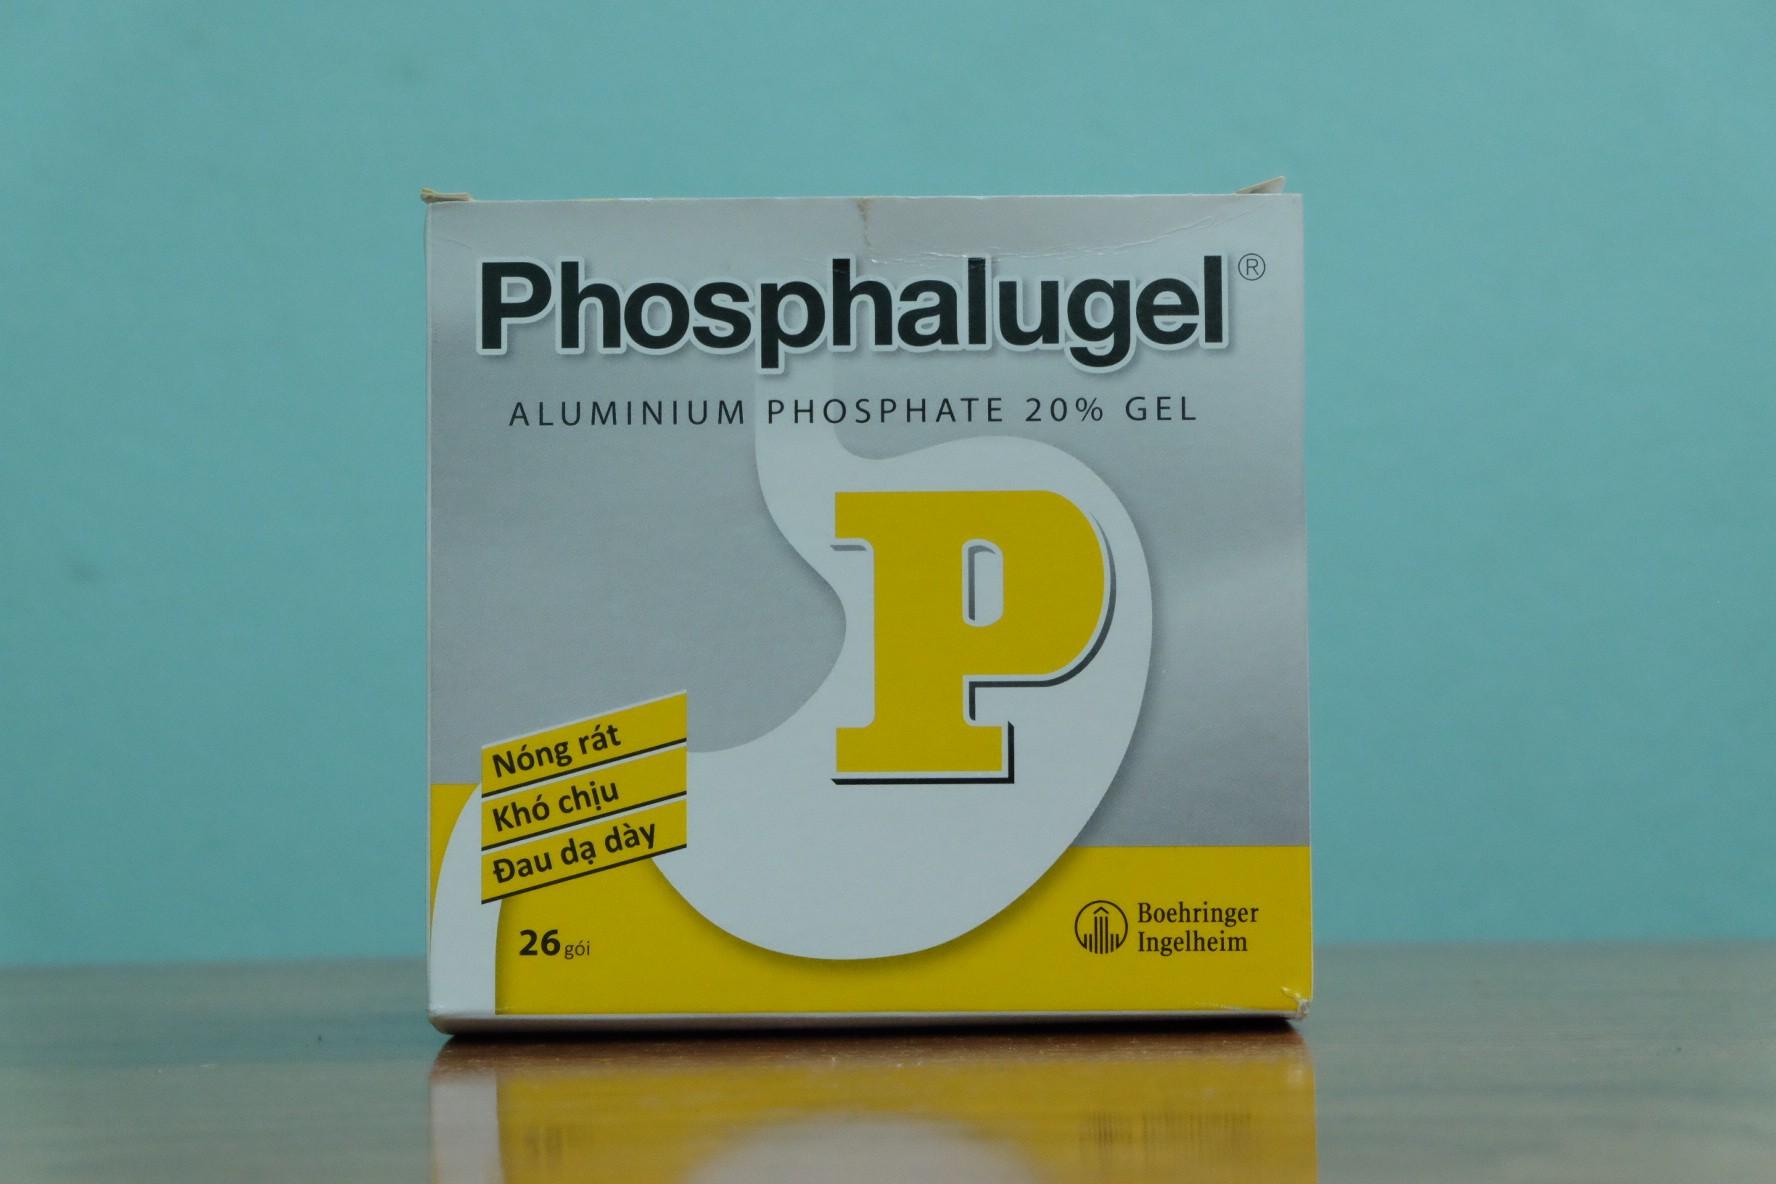 thuốc phosphalugel, cách dùng phosphalugel, phosphalugel thuốc, hướng dẫn sử dụng phosphalugel, phosphalugel là gì, thuốc phosphalugel uống trước hay sau ăn, thuốc phosphalugel cách dùng, thuốc phosphalugel có dùng được cho bà bầu, thuốc phosphalugel có tác dụng gì, phosphalugel thuốc biệt dược, cách uống thuốc phosphalugel, phosphalugel thành phần, phosphalugel stada, thuốc phosphalugel trị bệnh gì, phosphalugel cách sử dụng, thuốc phosphalugel 20g, thuốc phosphalugel uống trước hay sau khi ăn, thuốc phosphalugel là thuốc gì, thuoc phosphalugel uong luc nao, thuốc sữa phosphalugel, phosphalugel công dụng, phosphalugel thuộc nhóm nào, phosphalugel của công ty nào, thuốc phosphalugel giá bao nhiêu, thuốc phosphalugel của pháp, thuốc phosphalugel giá, thuốc phosphalugel uống khi nào, thuốc phosphalugel uống như thế nào, phosphalugel gói, thuốc phosphalugel chữa bệnh gì, thuoc phosphalugel co anh huong den thai nhi, thuốc phosphalugel cho bà bầu, thuốc dạ dày phosphalugel giá bao nhiêu, uong thuoc phosphalugel khi mang thai, thuốc phosphalugel nên uống khi nào, cách dùng thuốc sữa phosphalugel, thuoc phosphalugel co thai uong duoc khong, thuoc phosphalugel uong the nao, uống thuốc phosphalugel, thuốc phosphalugel bao nhiêu tiền, thuốc phosphalugel cho con bú, thuốc phosphalugel hướng dẫn sử dụng, thuốc phosphalugel liều dùng, thuoc phosphalugel cong dung, thuoc phosphalugel tac dung gi, thuốc phosphalugel trẻ em, thuốc gói phosphalugel, phosphalugel thuốc gì, thuốc phosphalugel có tốt không, mua thuốc phosphalugel, thuốc nước phosphalugel, thuốc phosphalugel phụ nữ cho con bú, thuốc phosphalugel p, thuốc phosphalugel sđk, thuốc phosphalugel susp, thuoc uong phosphalugel